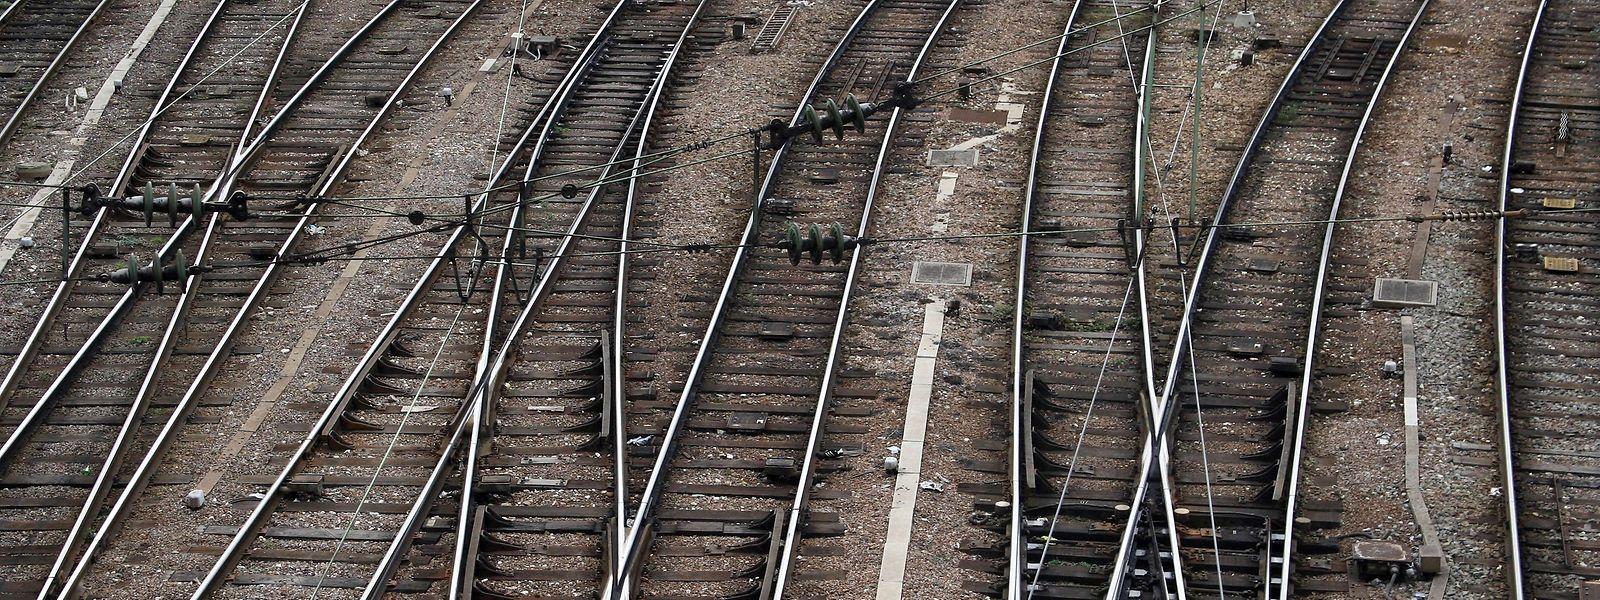 Vendredi, la plupart des lignes du réseau ferré lorrain ressembleront encore à cela.